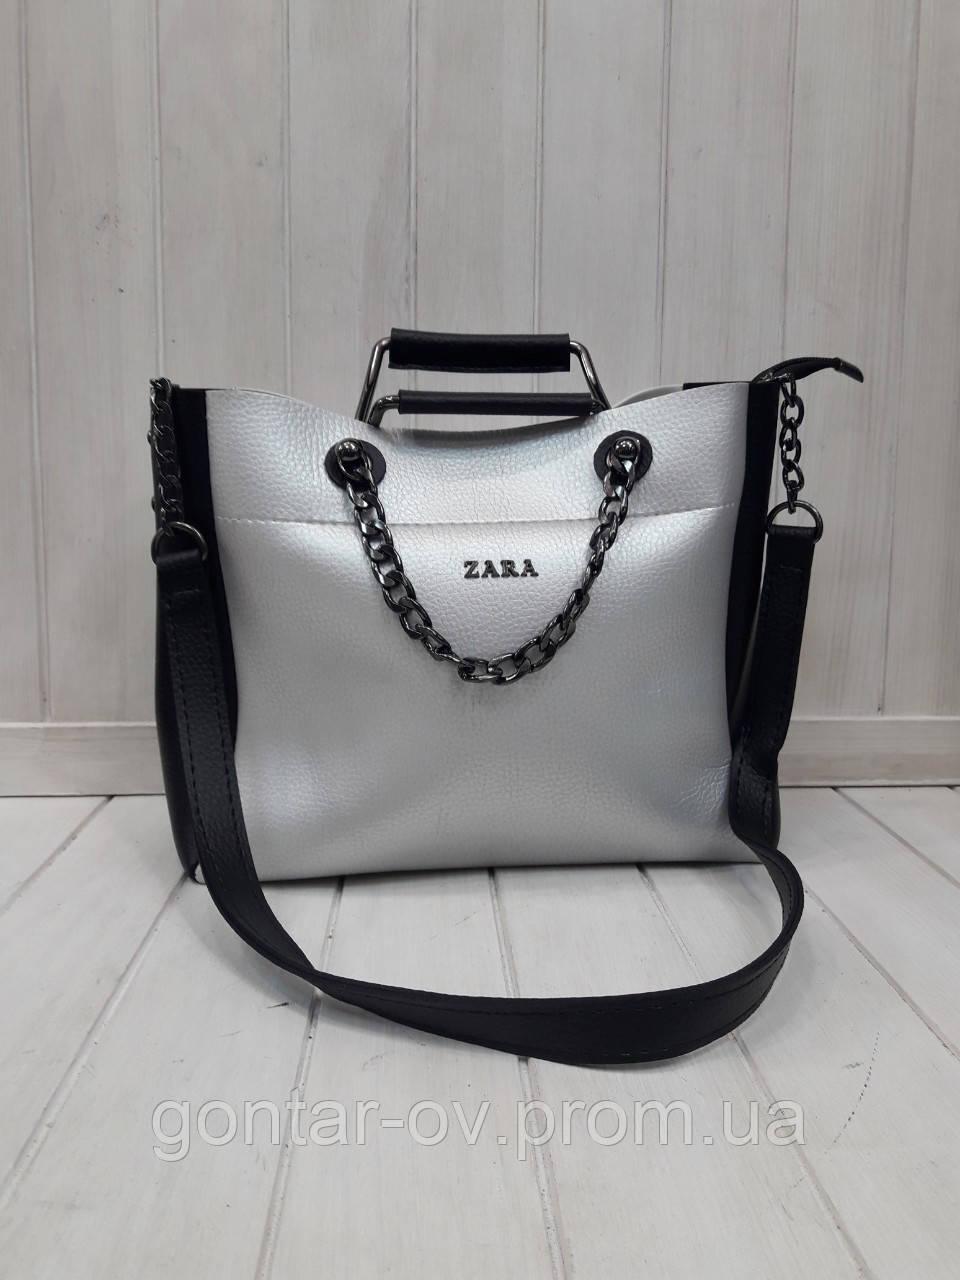 Женская сумка Зара комбинированная